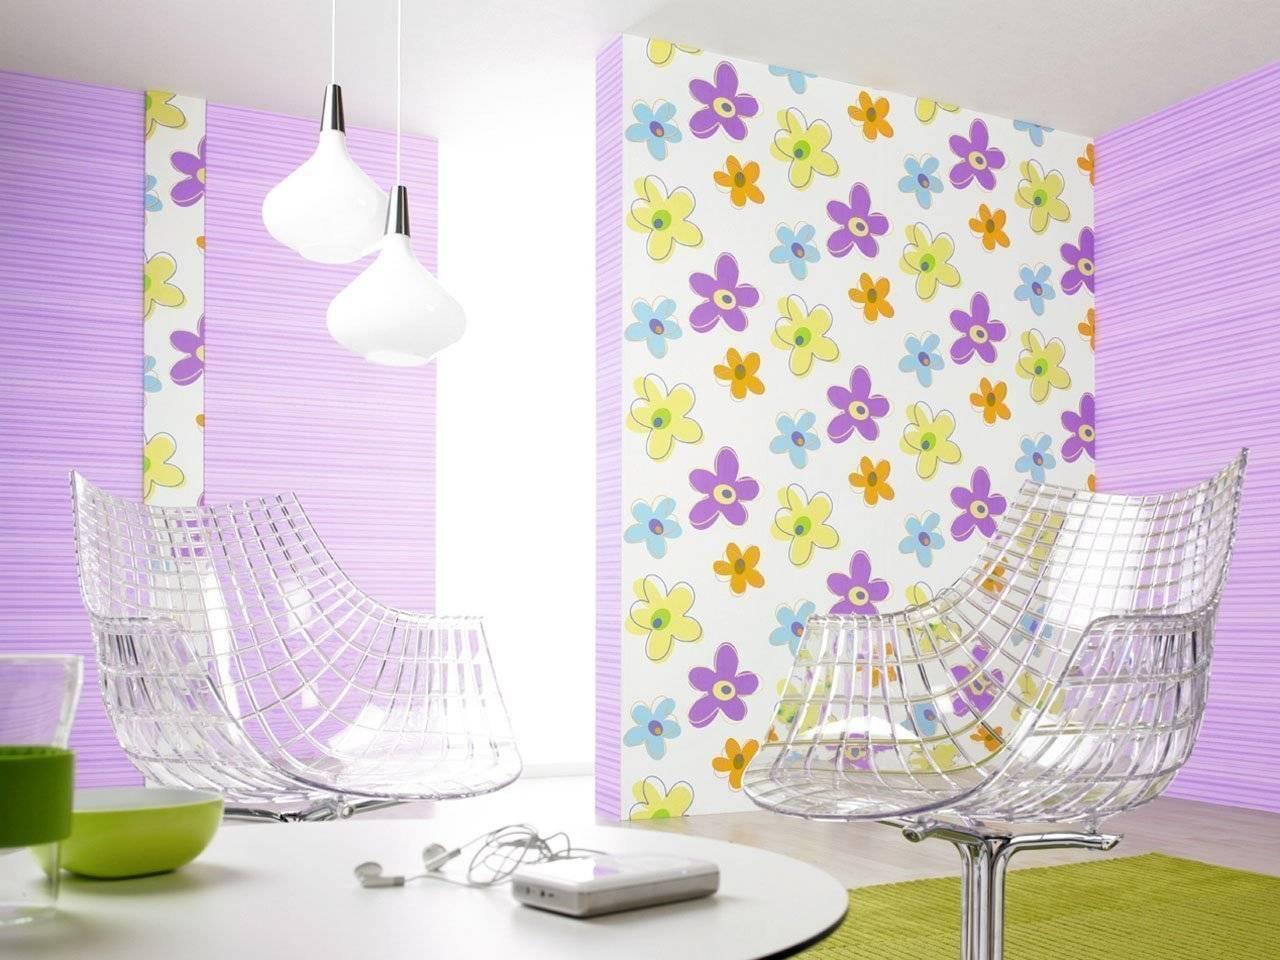 Как наклеить обои двух цветов в зале: фото, цветовая гамма, способы комбинирования